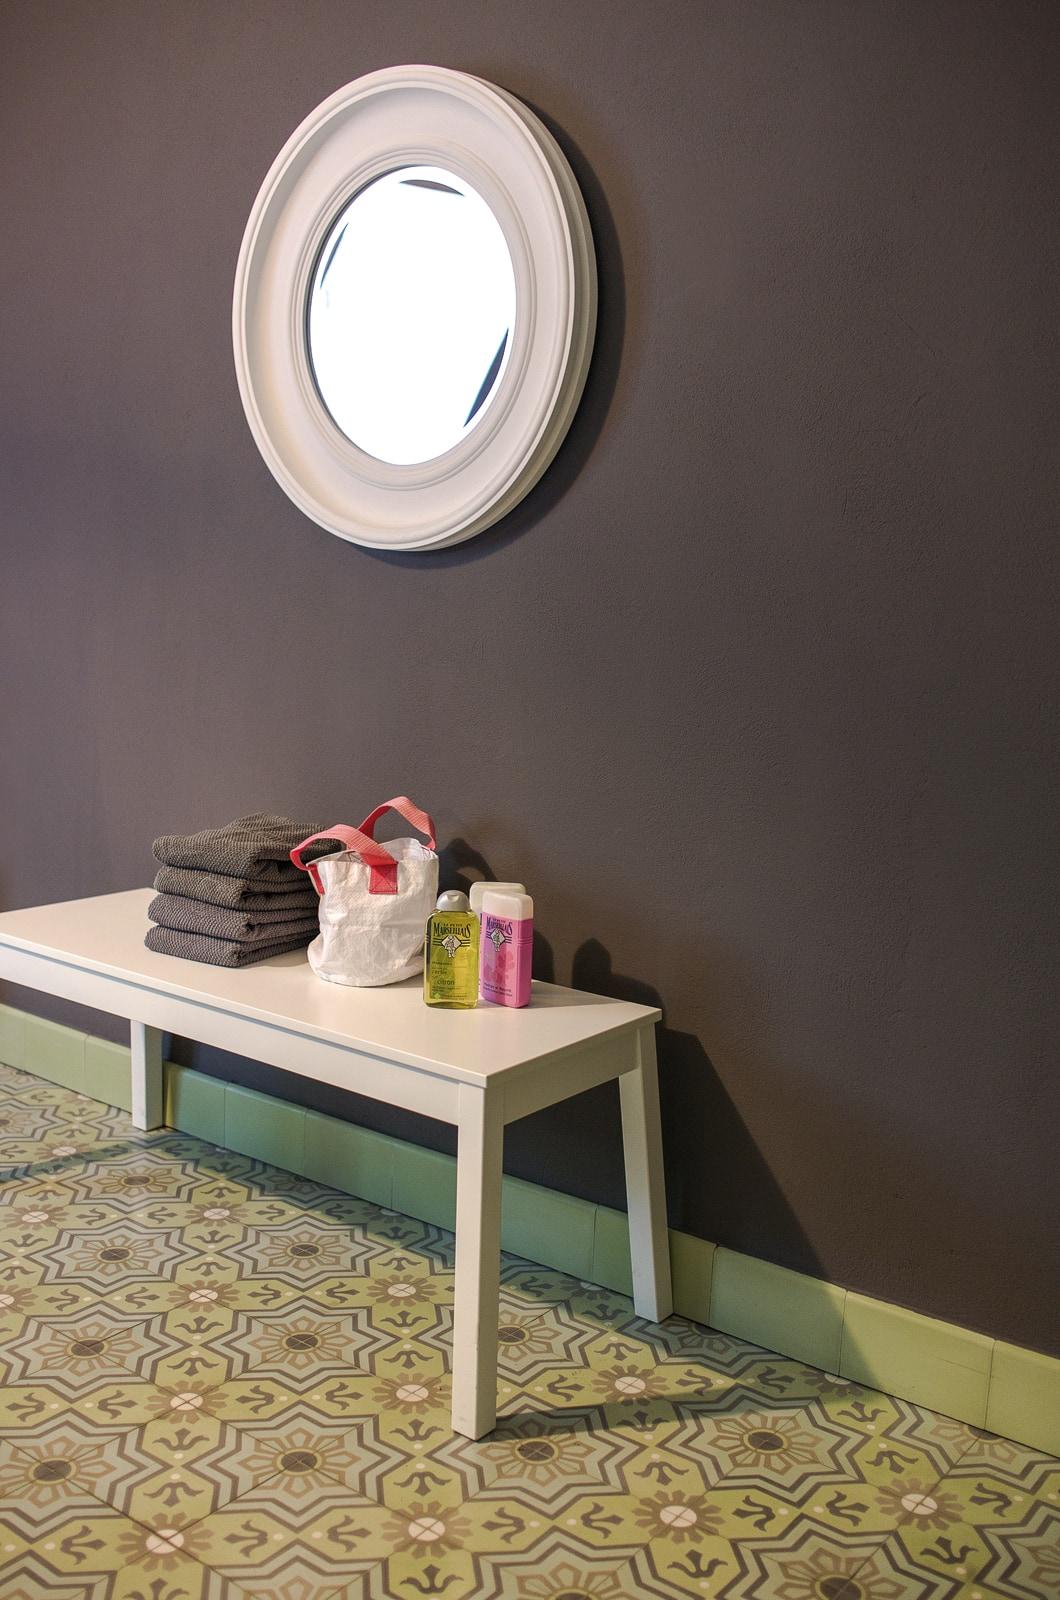 VIA-Kreidefarbe-604-Basalt | Kreidefarbe Basalt 2500 ml